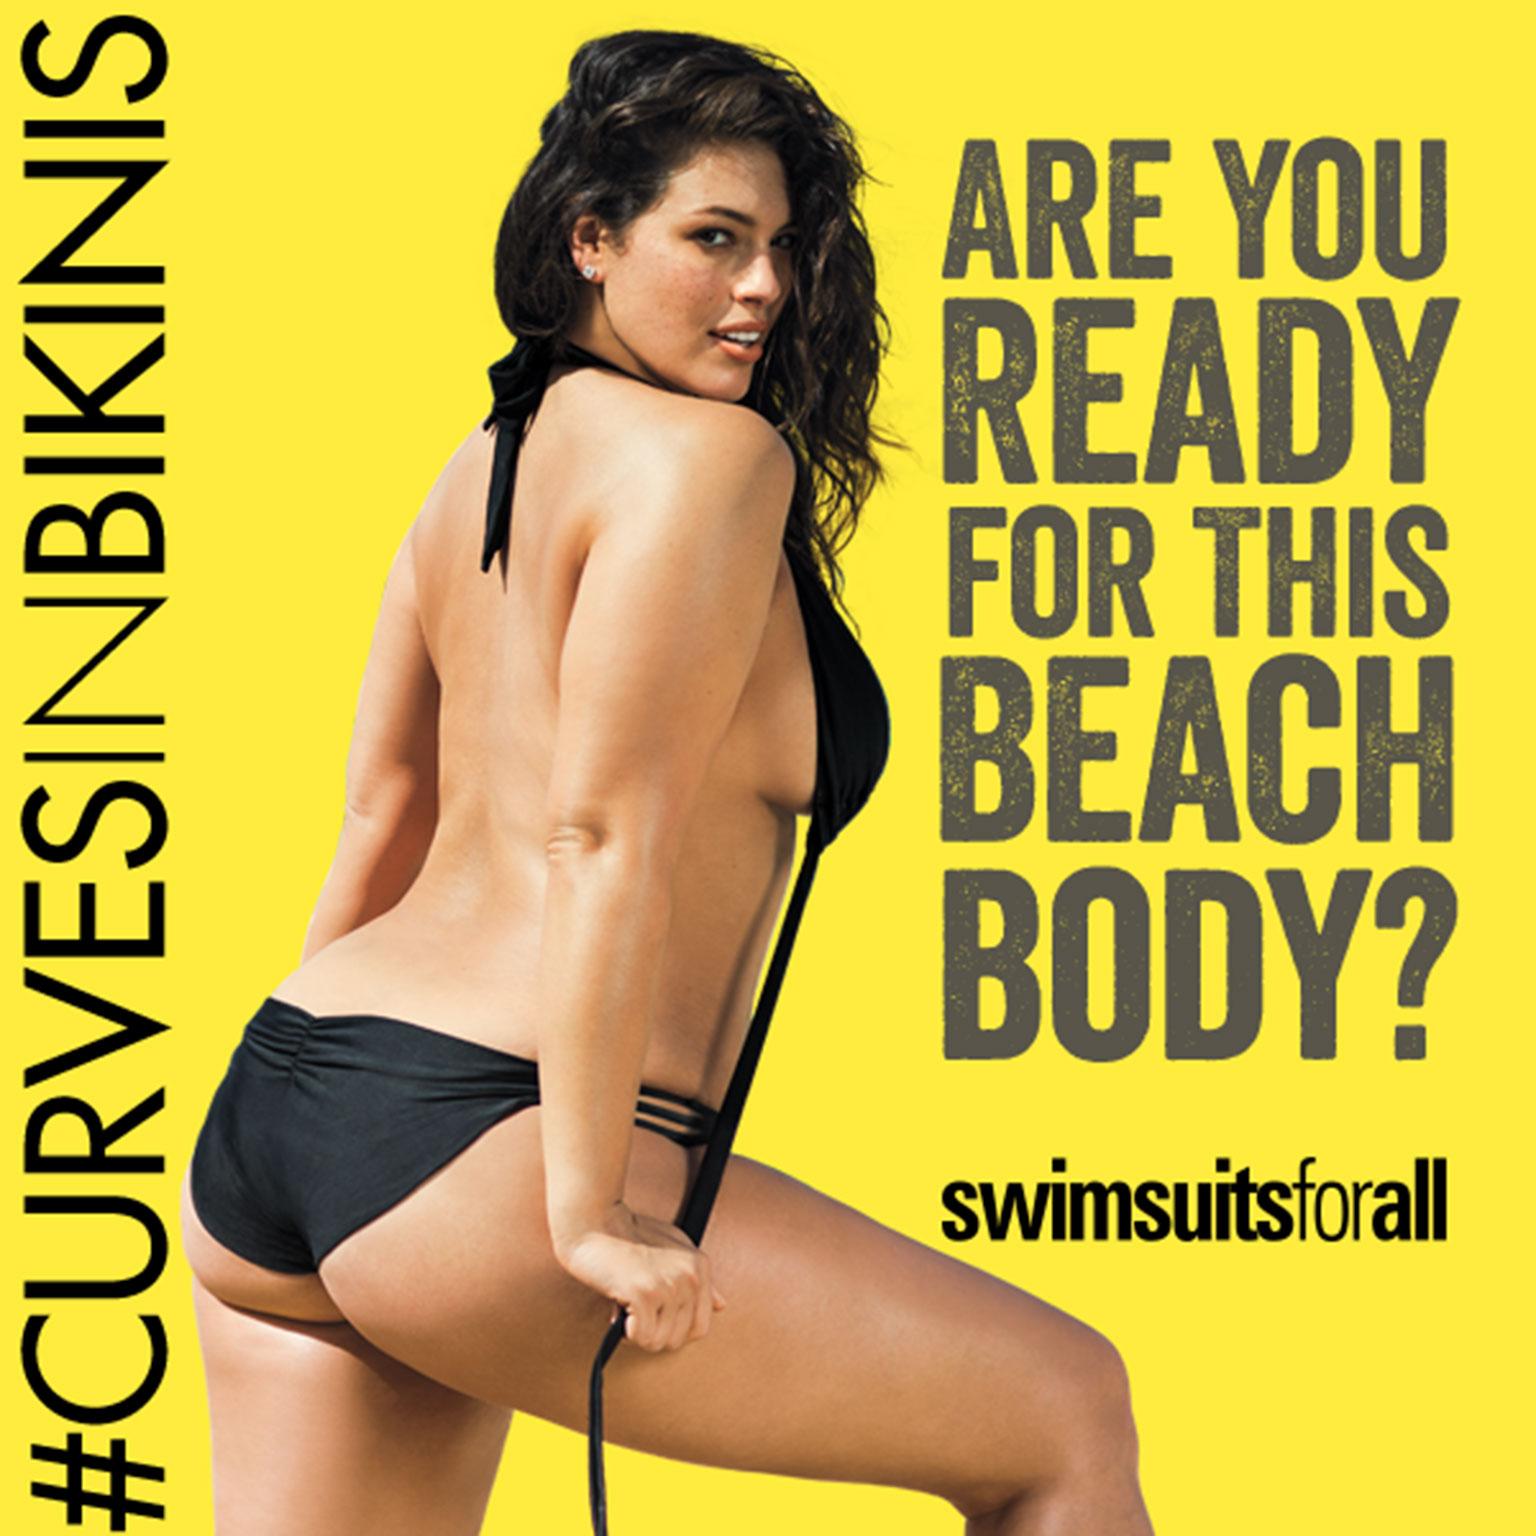 le mannequin grande taille, Ashley Graham, dénonce une affiche sexiste du métro londonien.